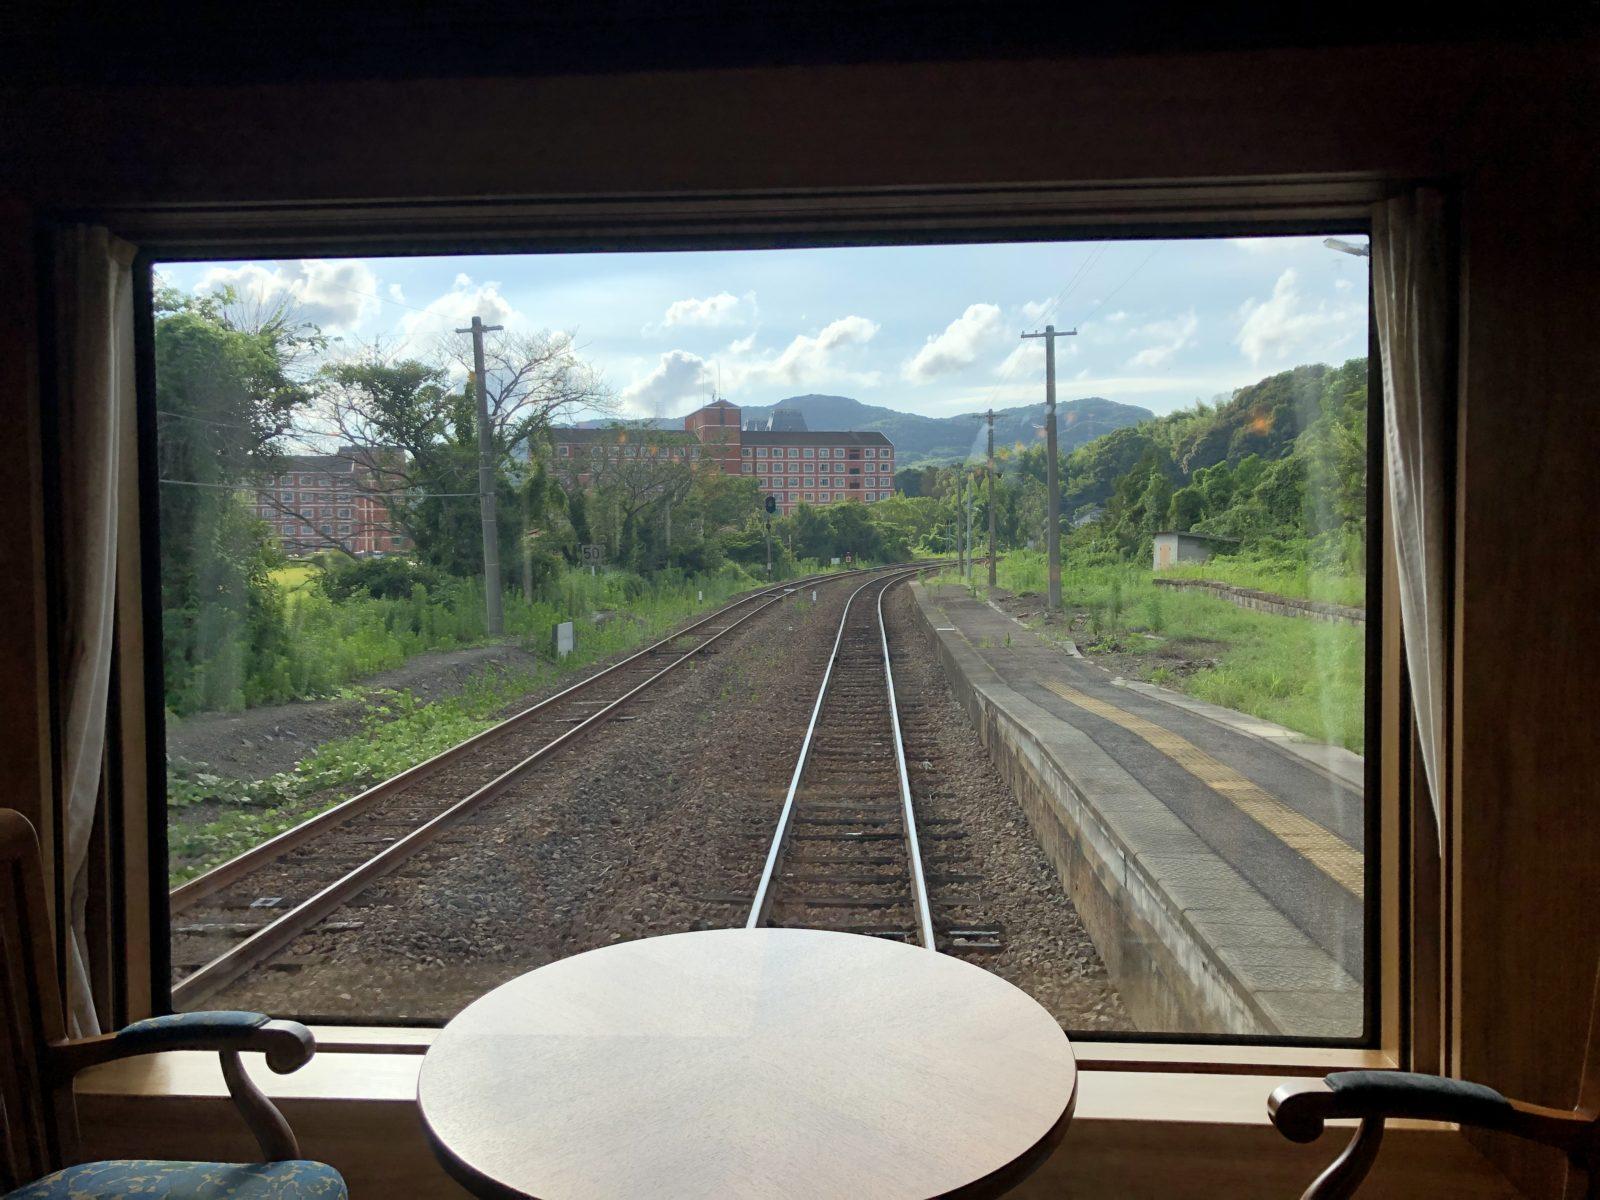 クルーズトレインななつ星㏌九州 乗車記 その3 昼食~ティータイム~組子制作体験